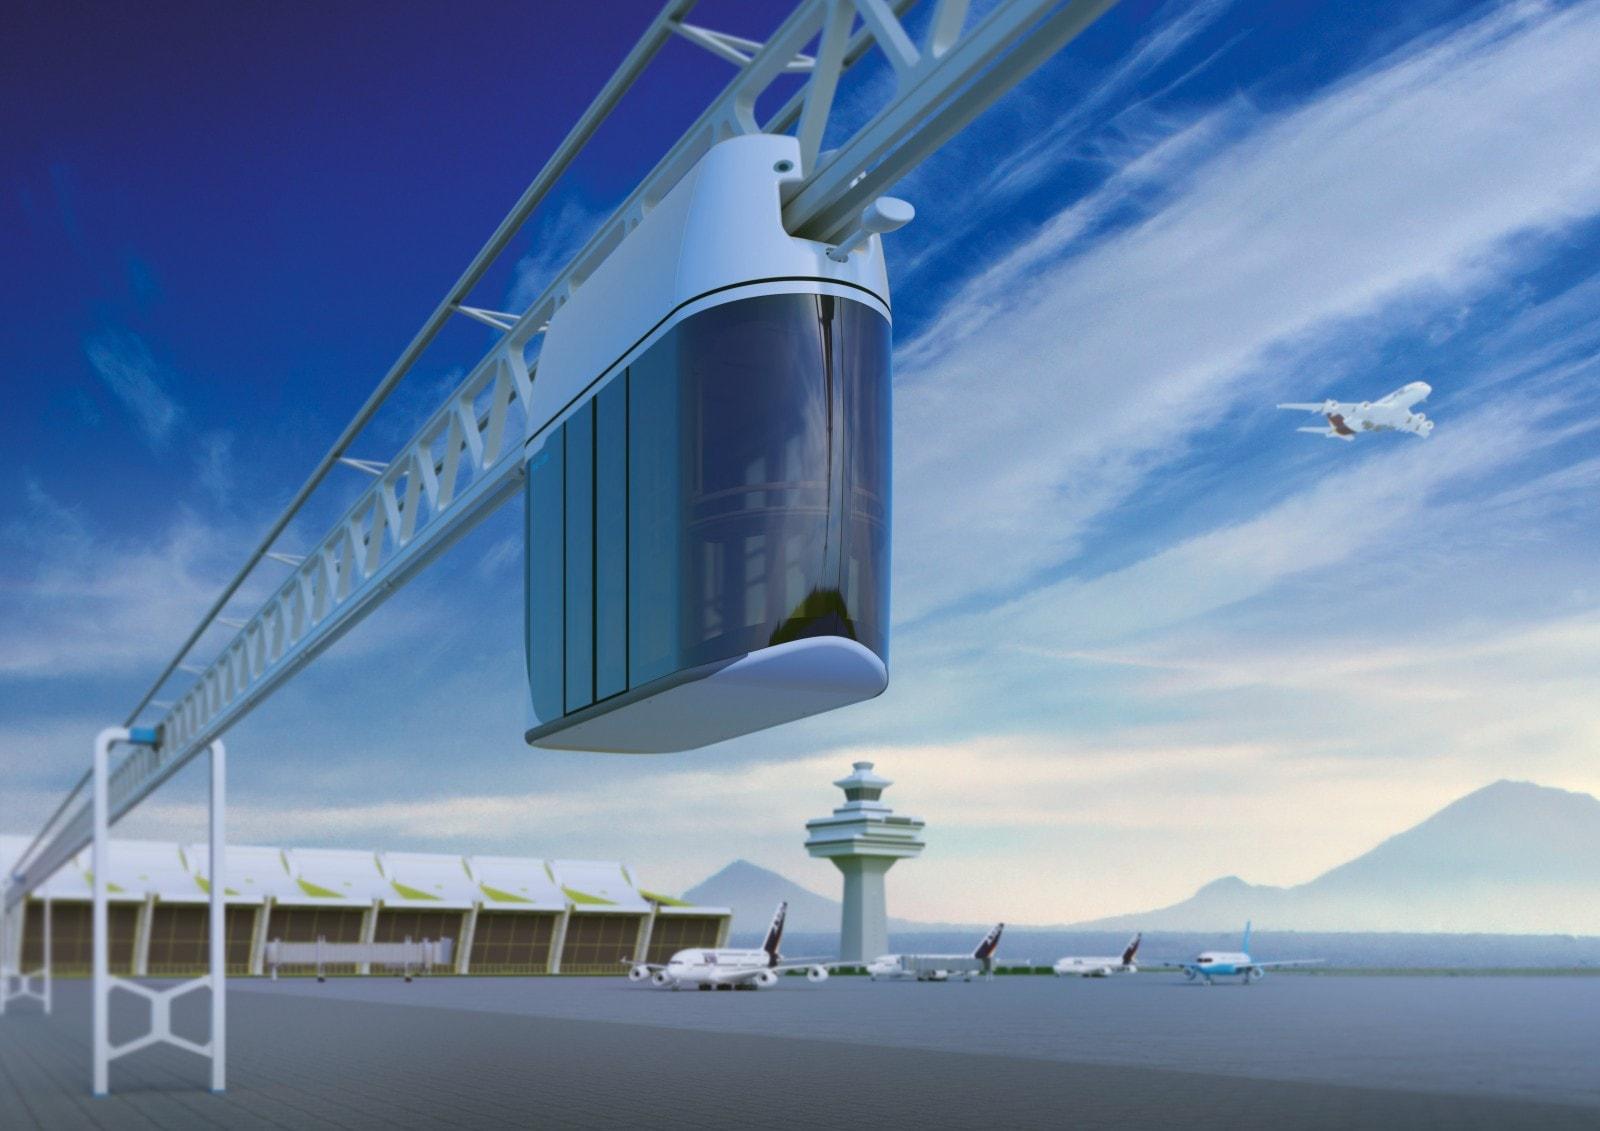 Линия SkyWay, соединяющая город с аэропортом-min